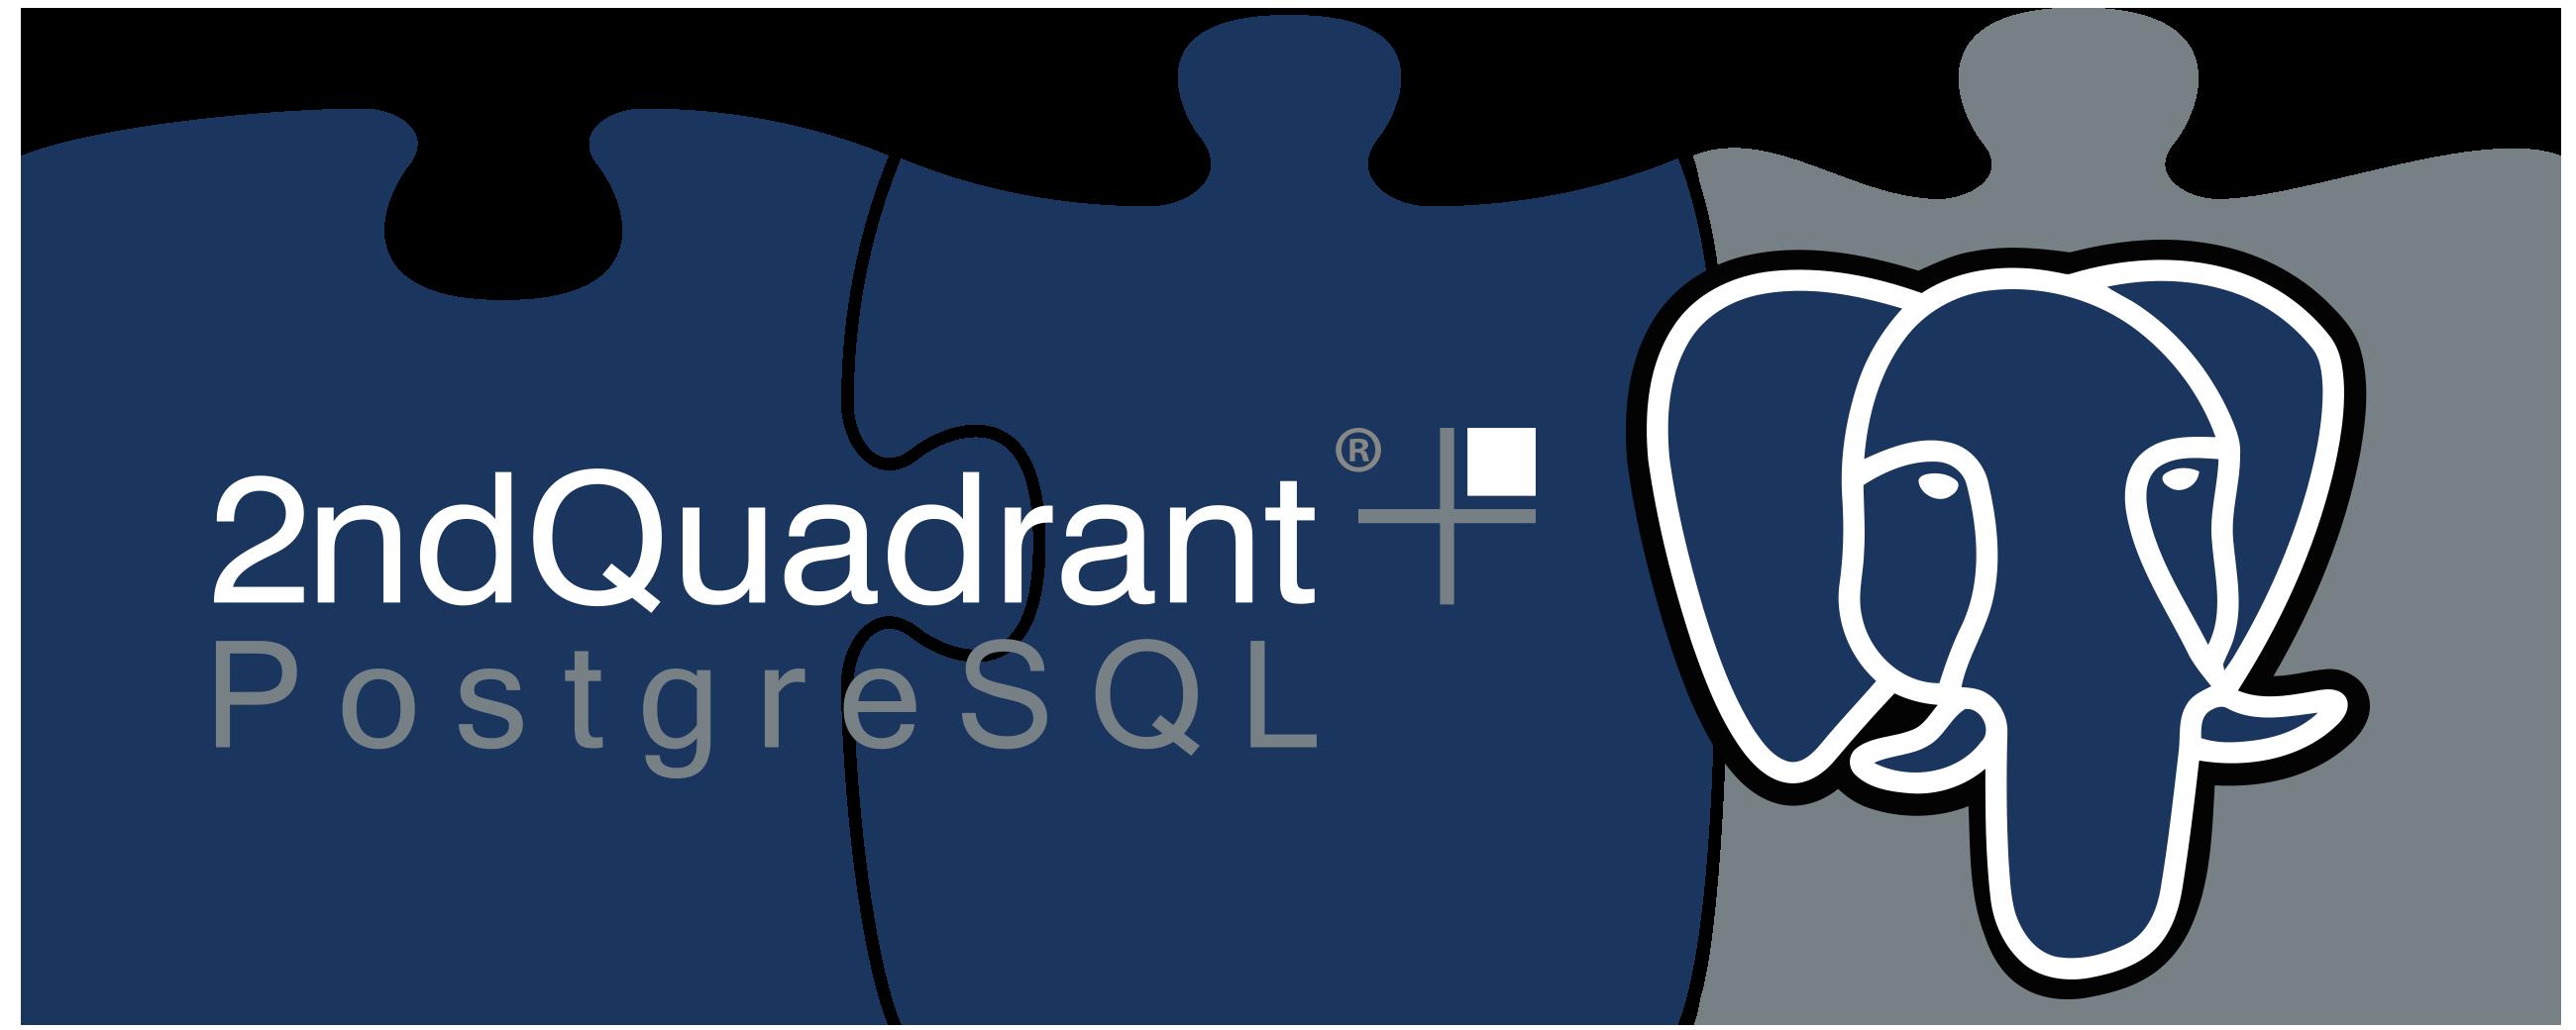 About 2ndQuadrant PostgreSQL, 2ndQuadrant PostgreSQL